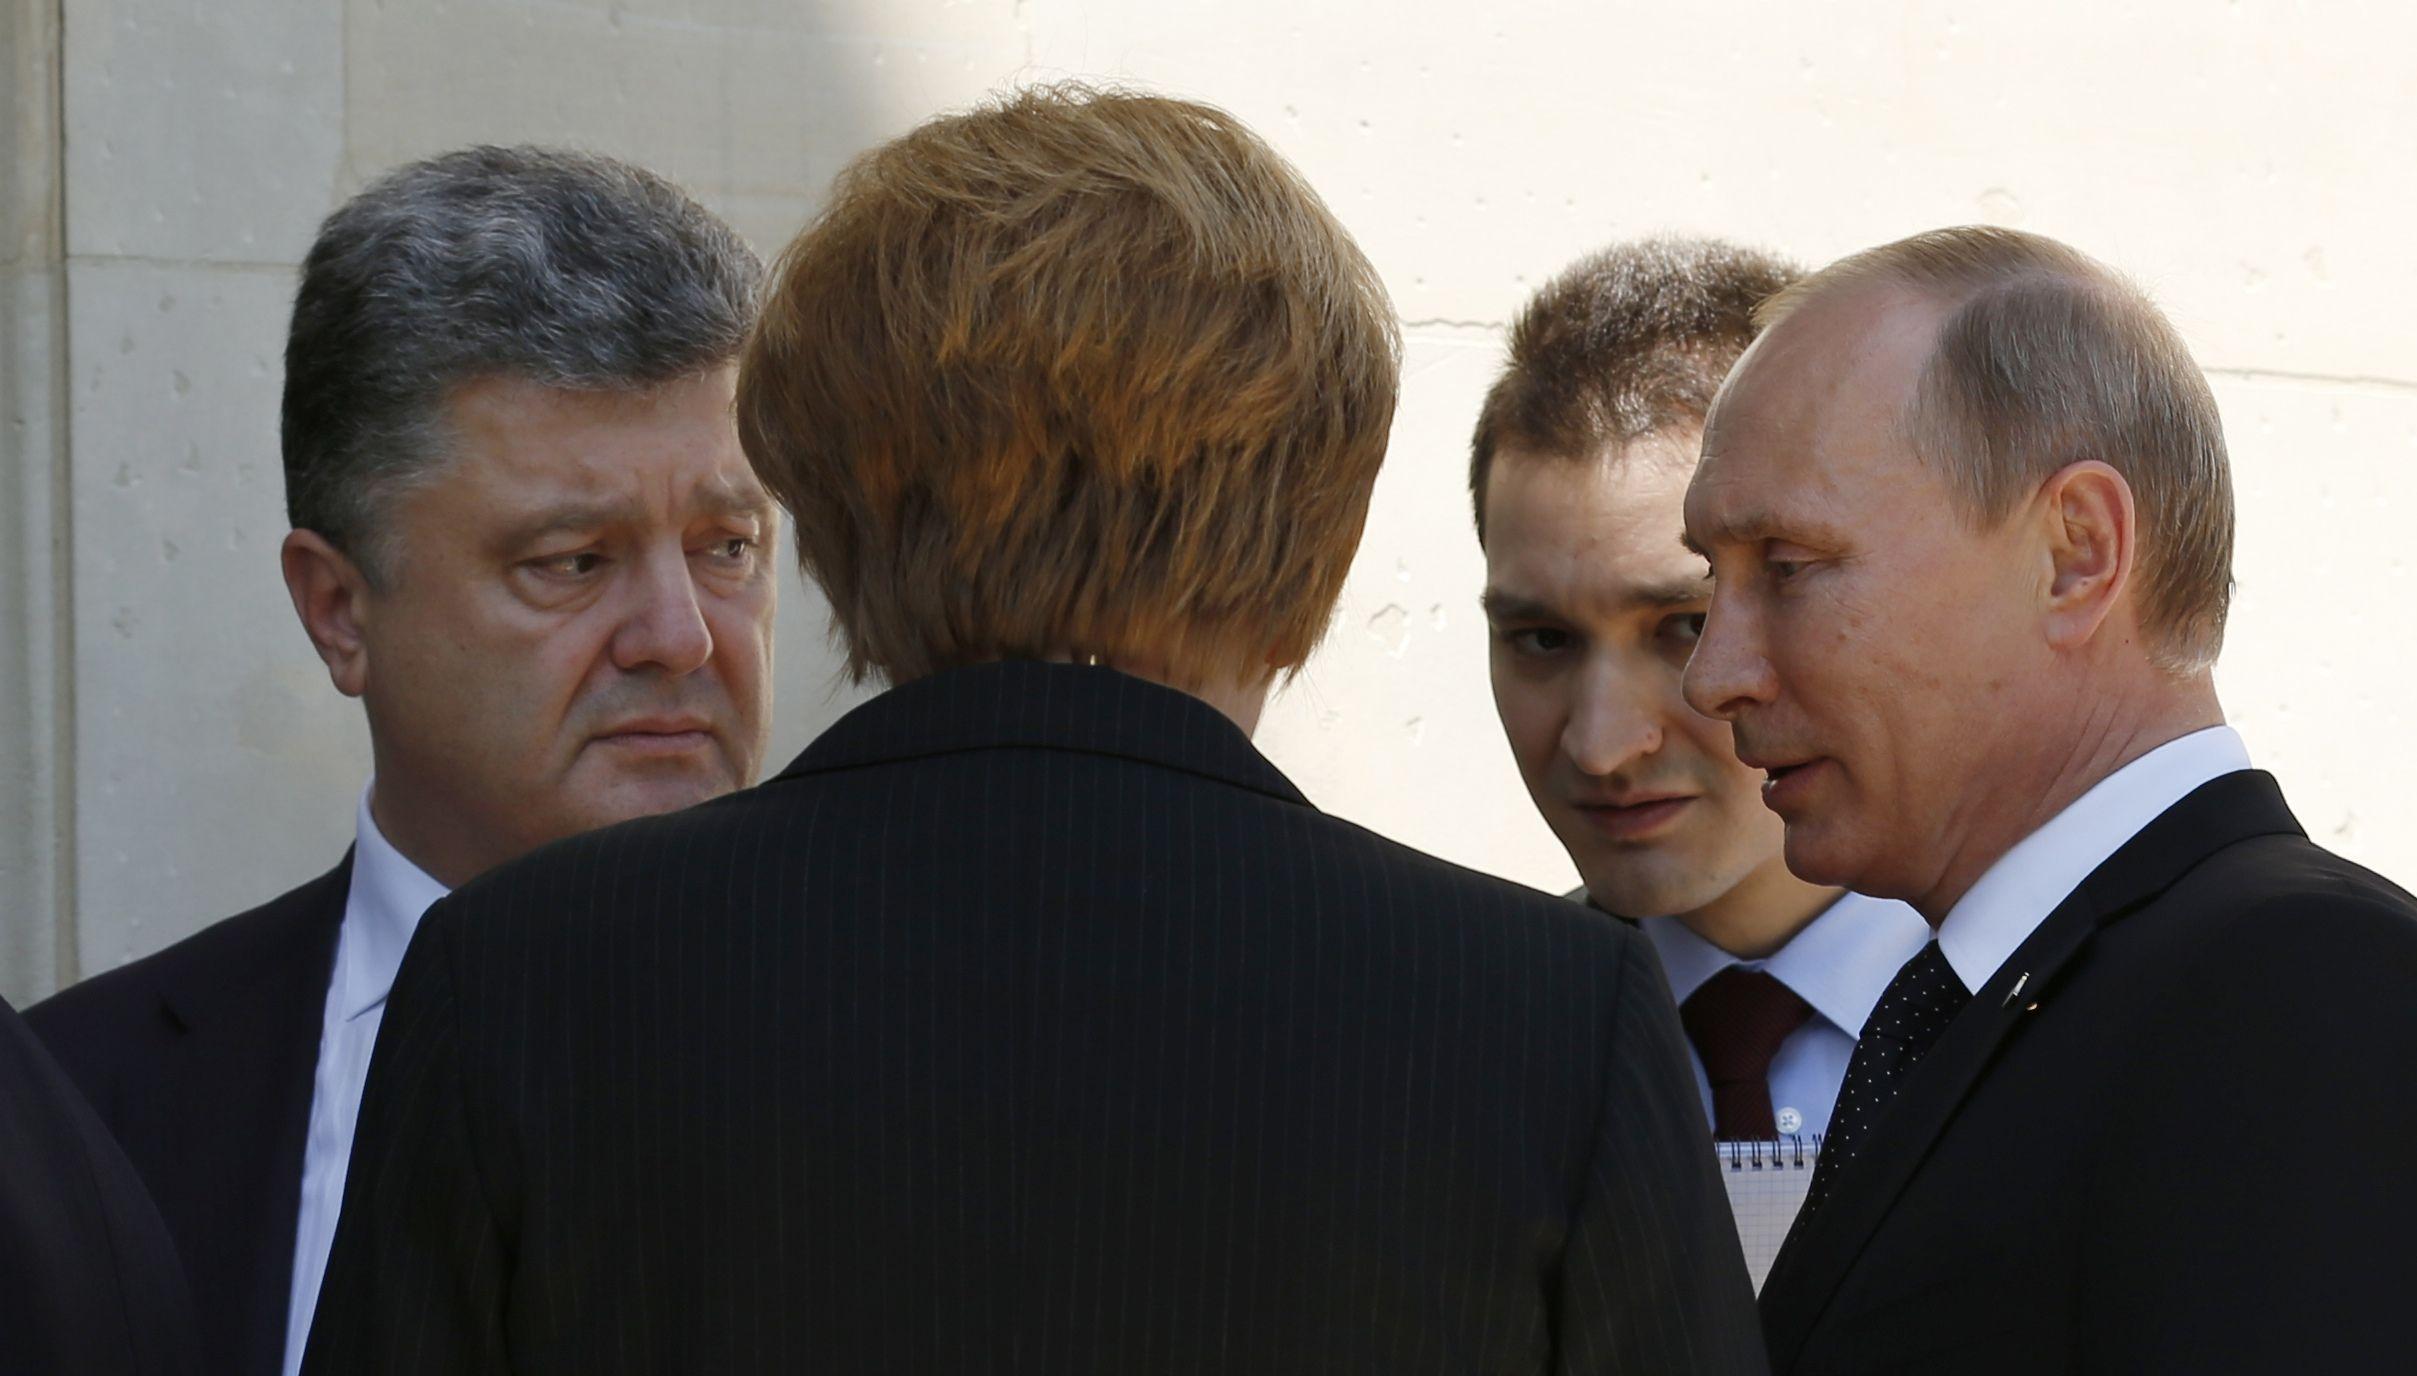 Встреча Порошенко и Путина во Франции, иллюстрация